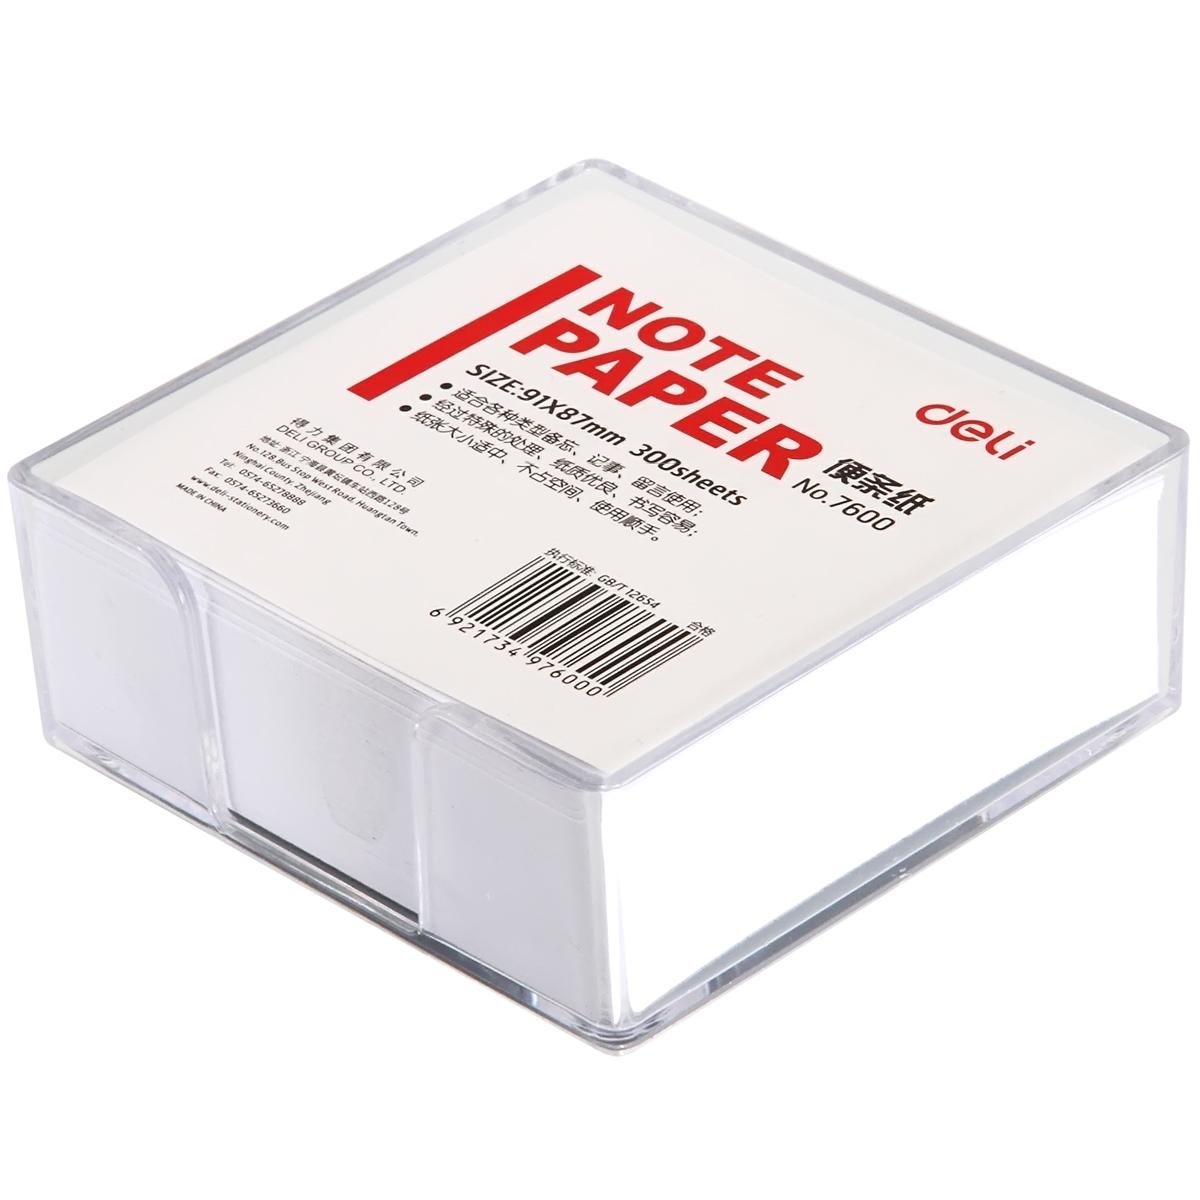 得力 7600 便条纸 91x87mm (单位:盒) 白